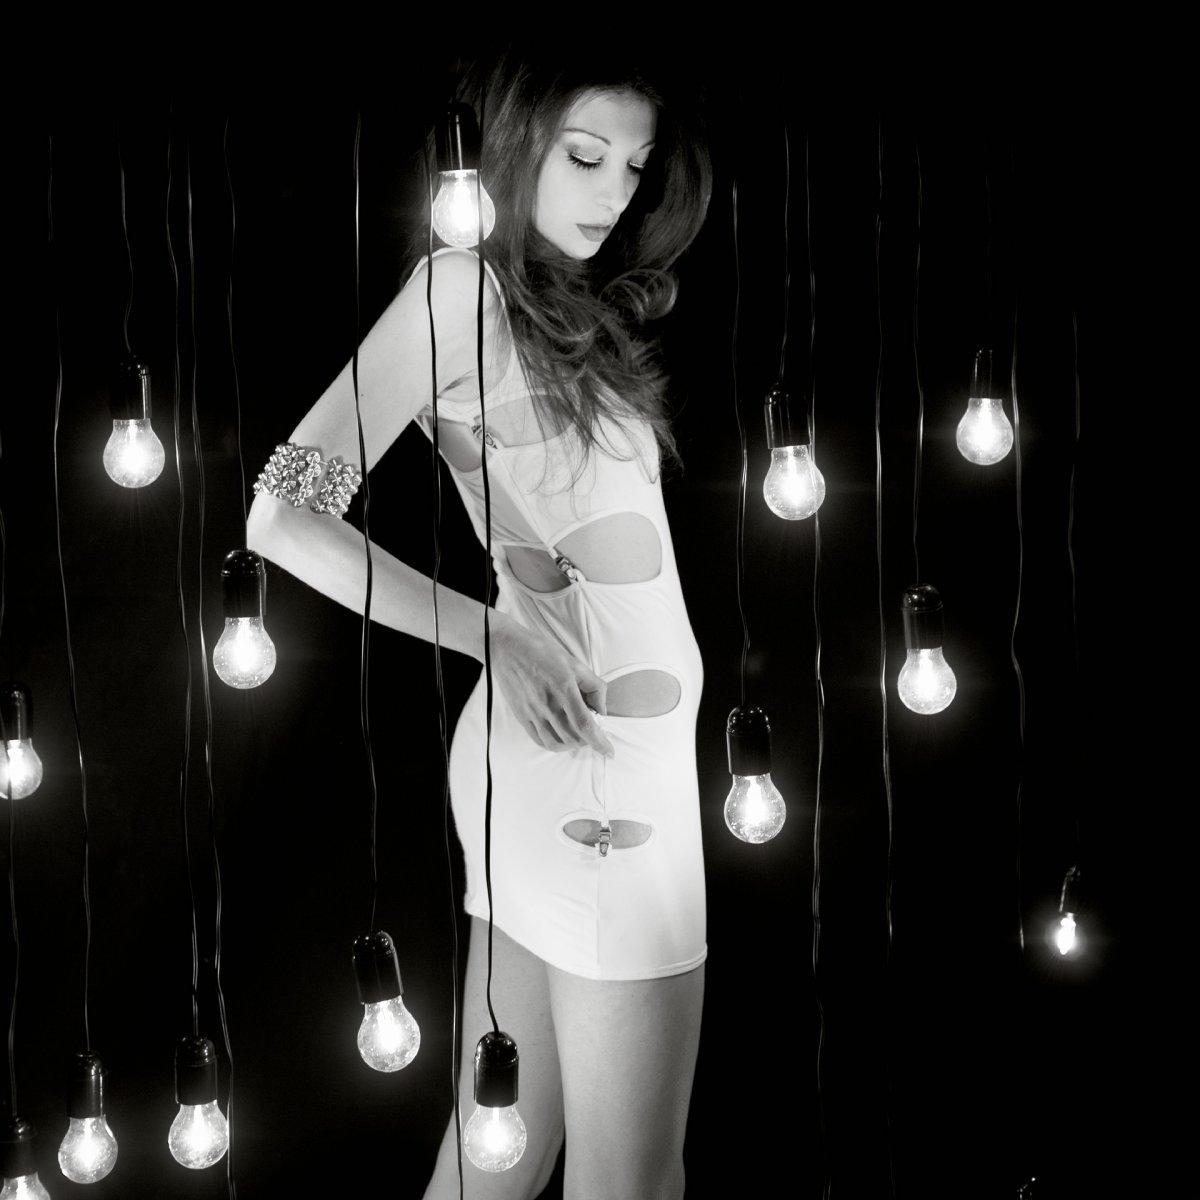 120-Alessandra-Casale Women (18+)